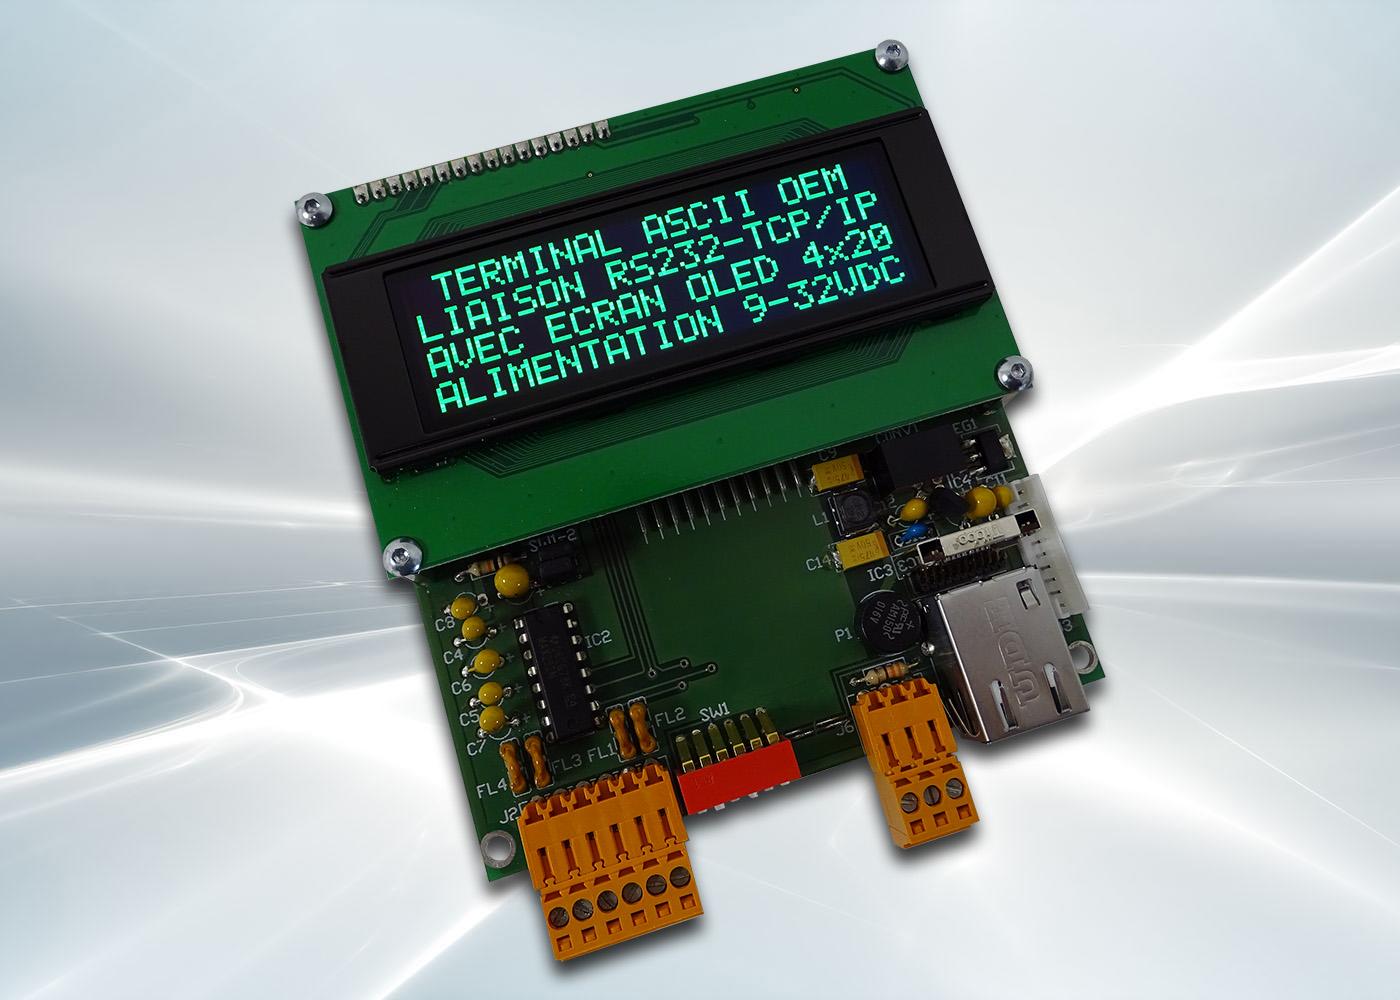 Terminal ASCII OEM RS232 / Ethernet avec afficheur OLED et gestion de 8 touches et 4 LEDs – Afficheur OLED vert